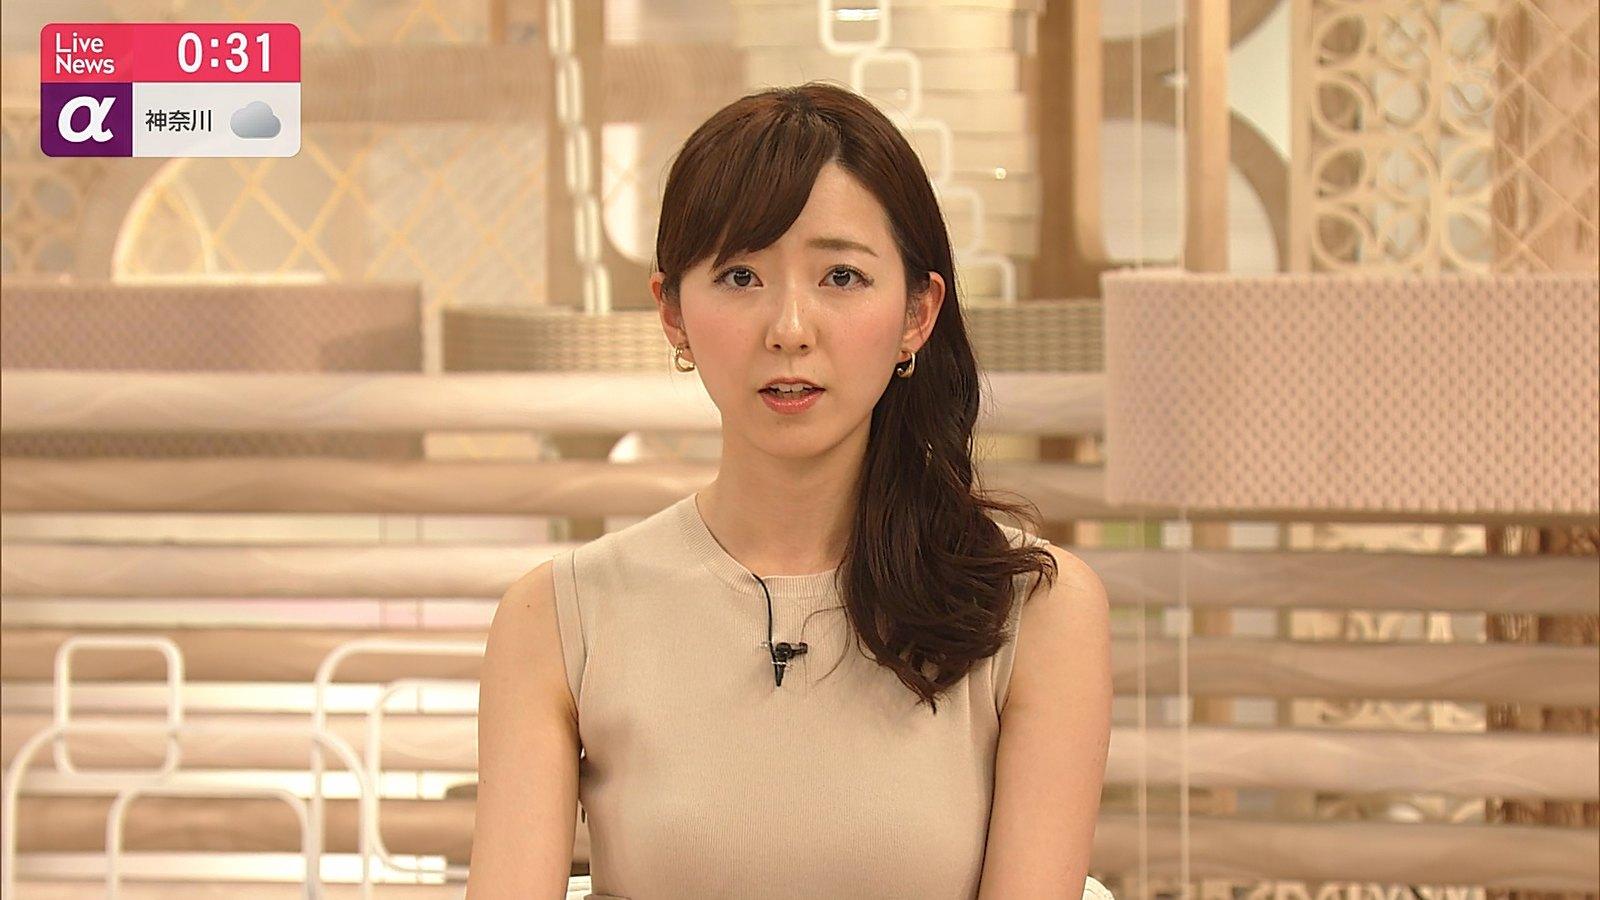 2019年7月19日「FNN Live News α」内田嶺衣奈さんのテレビキャプチャー画像-257